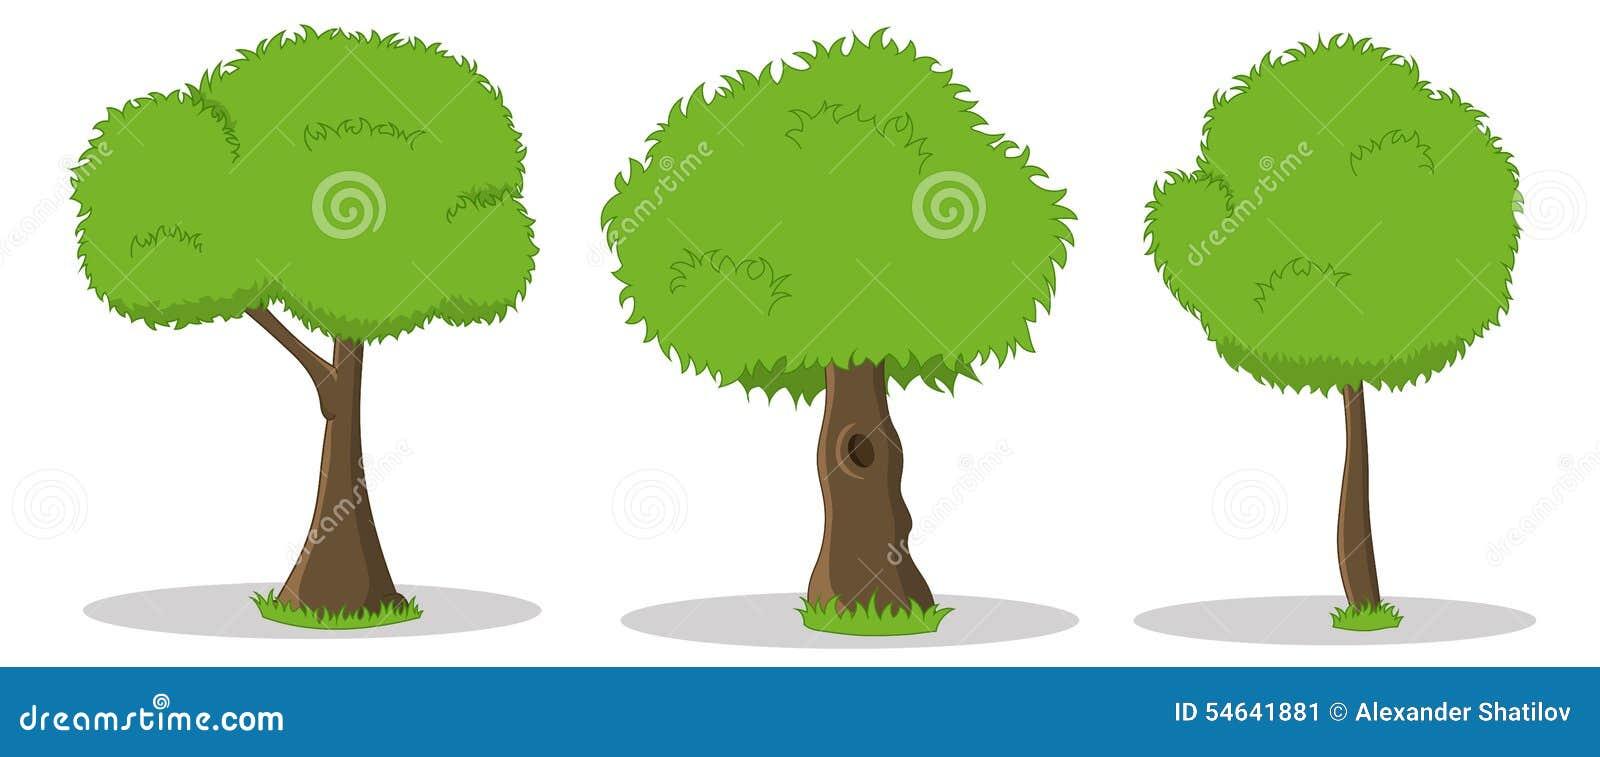 Ręki rysować kreskówek ilustracje zieleni drzewa